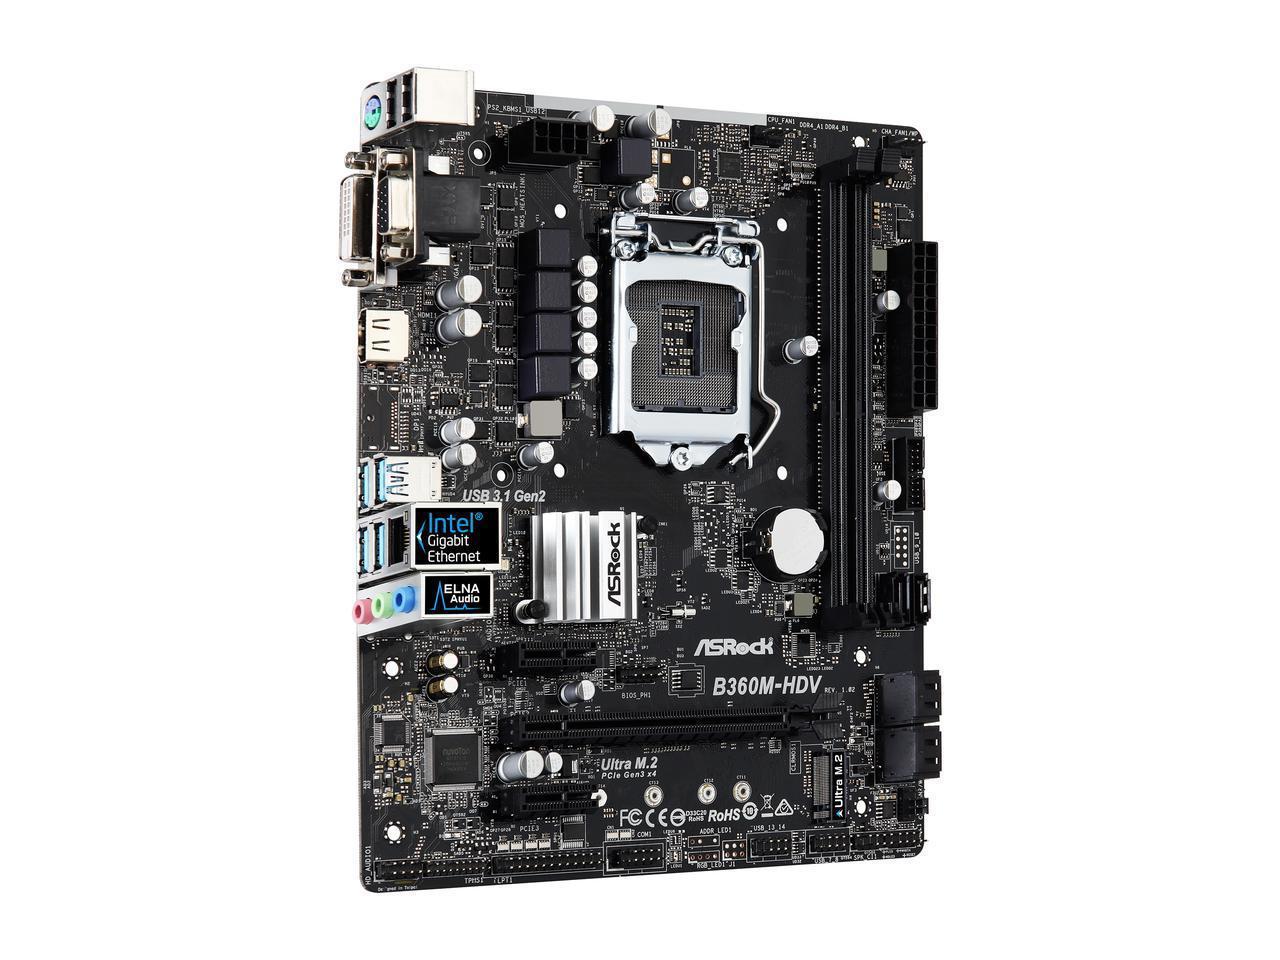 ASRock B360M-HDV LGA 1151 (300 Series) Intel B360 HDMI SATA 6Gb/s USB 3 1  Micro ATX Intel Motherboard